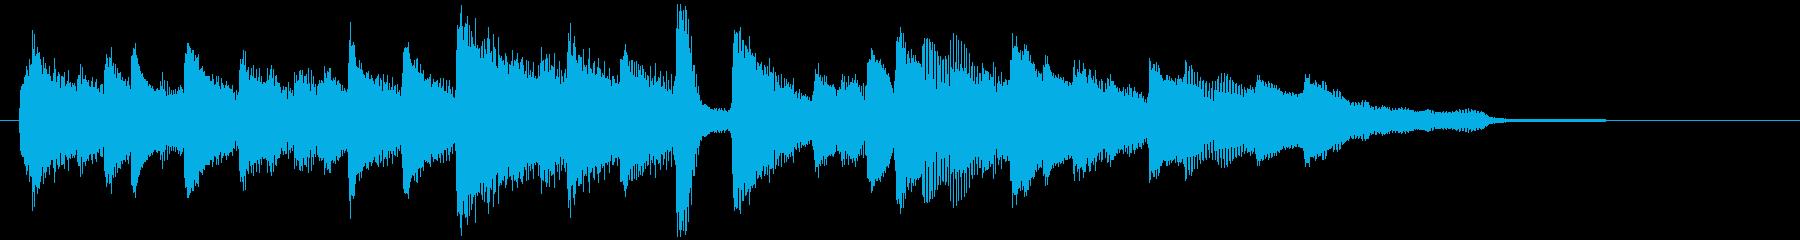 落ち着きのあるピアノバラードの再生済みの波形